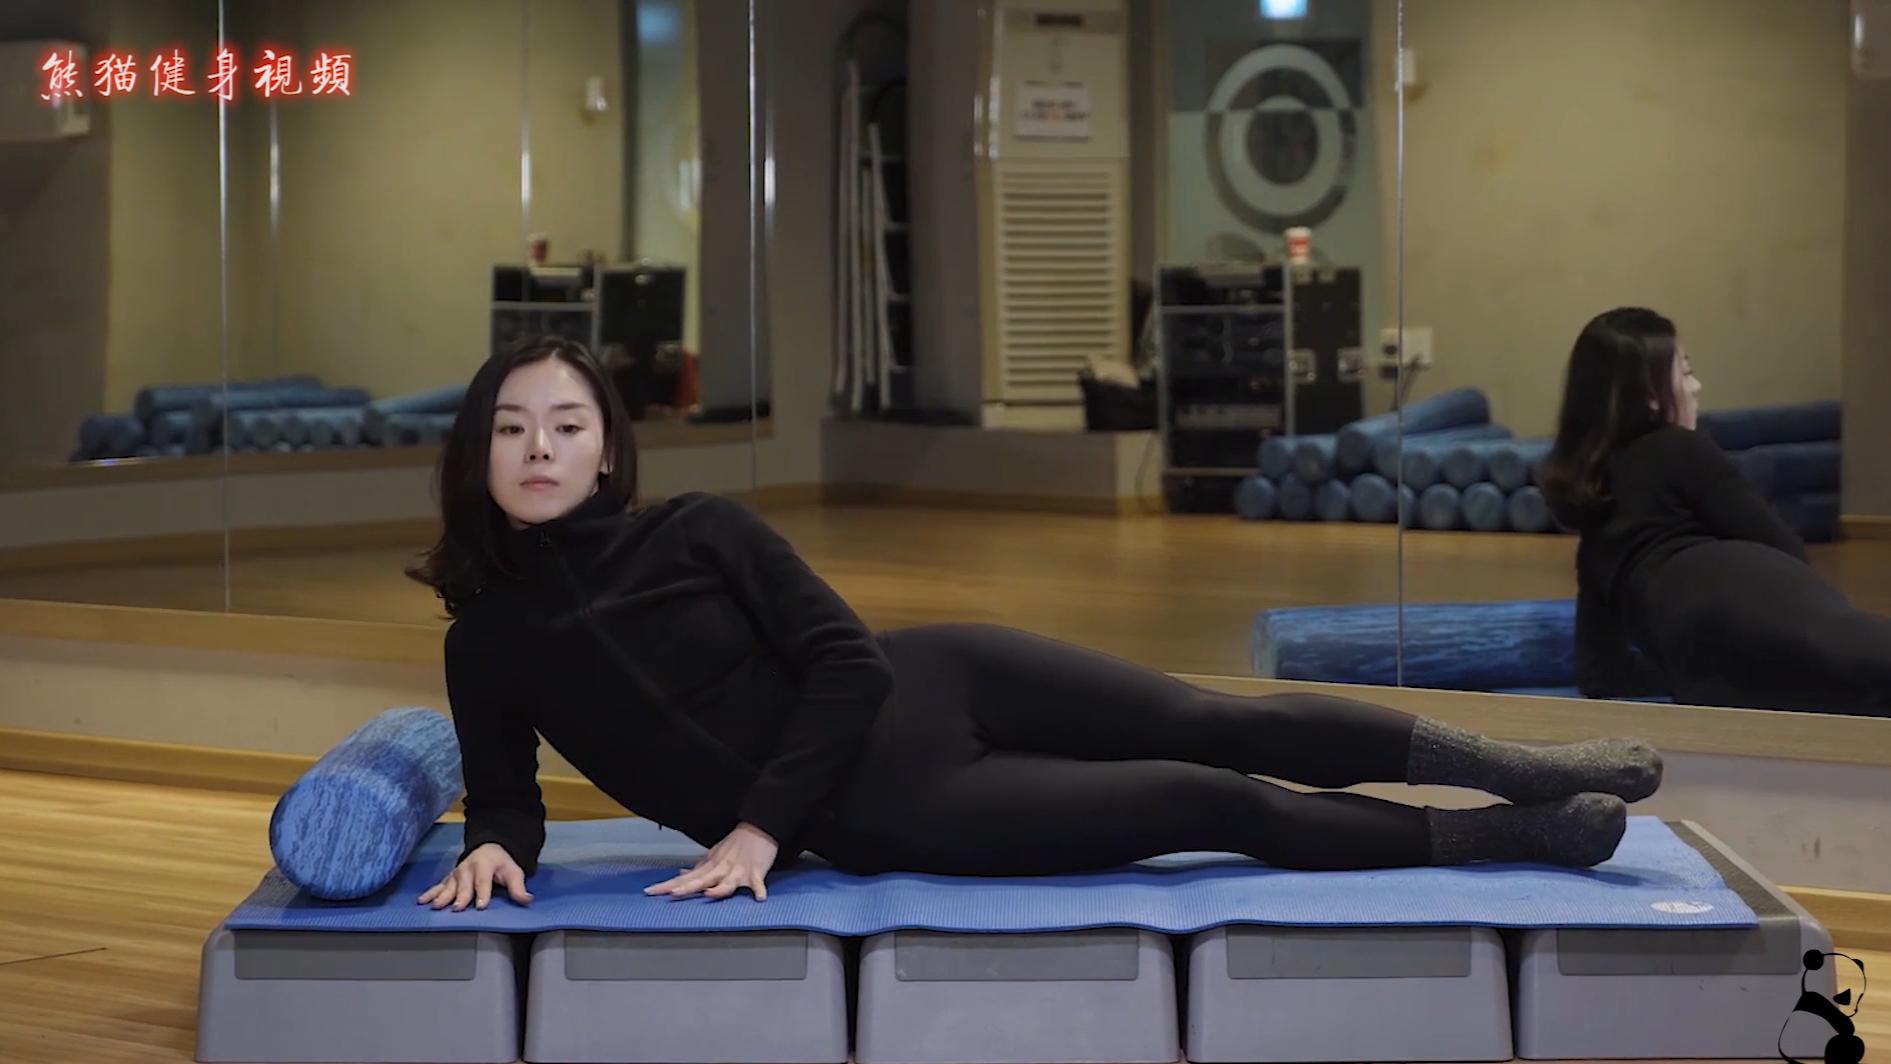 熊猫健身-超简单三分钟腰腹腿训练,妹子很甜动作很专业